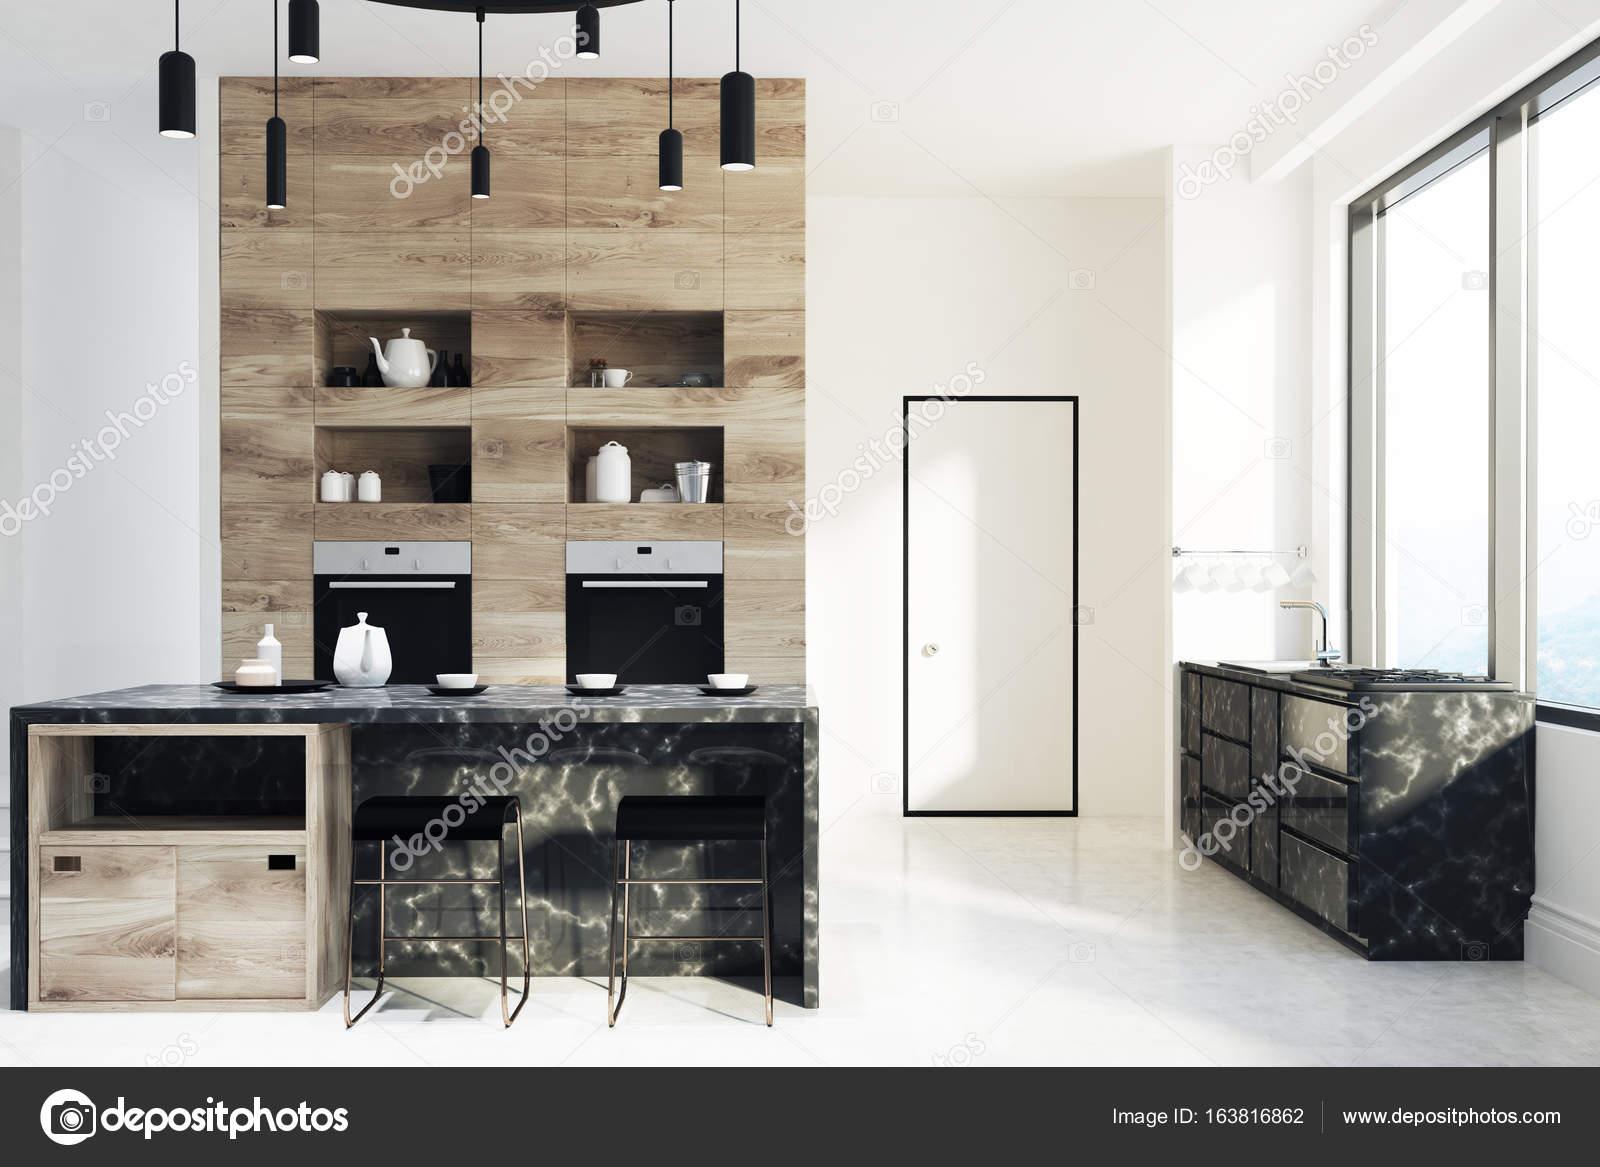 Cucina in legno e in marmo porta u foto stock denisismagilov